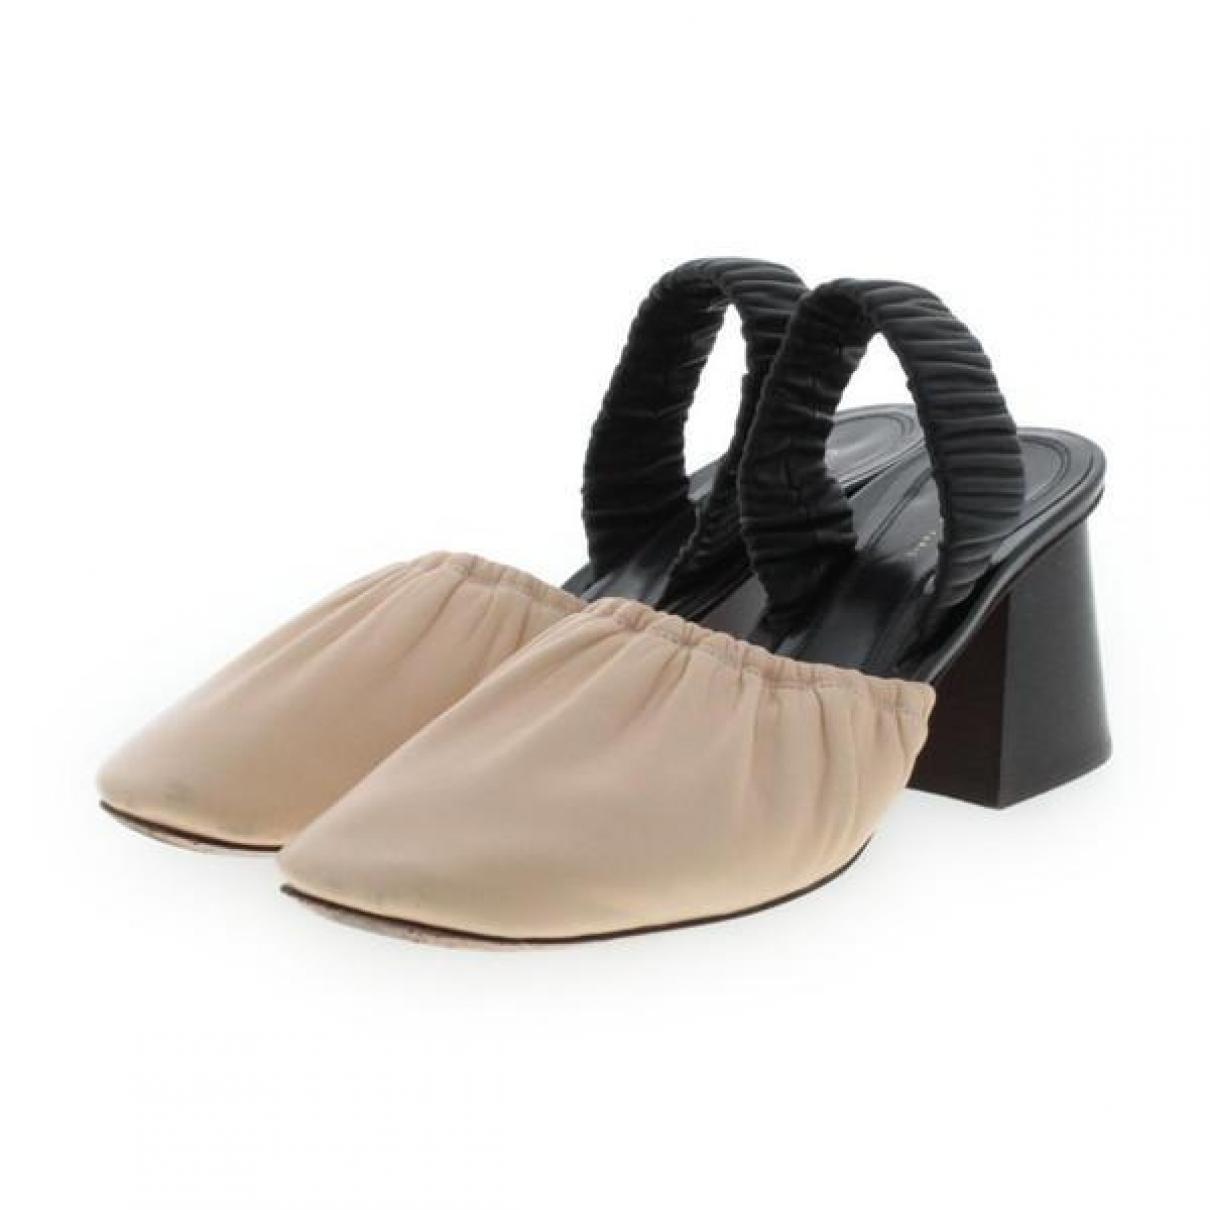 Celine \N Beige Leather Heels for Women 36 IT